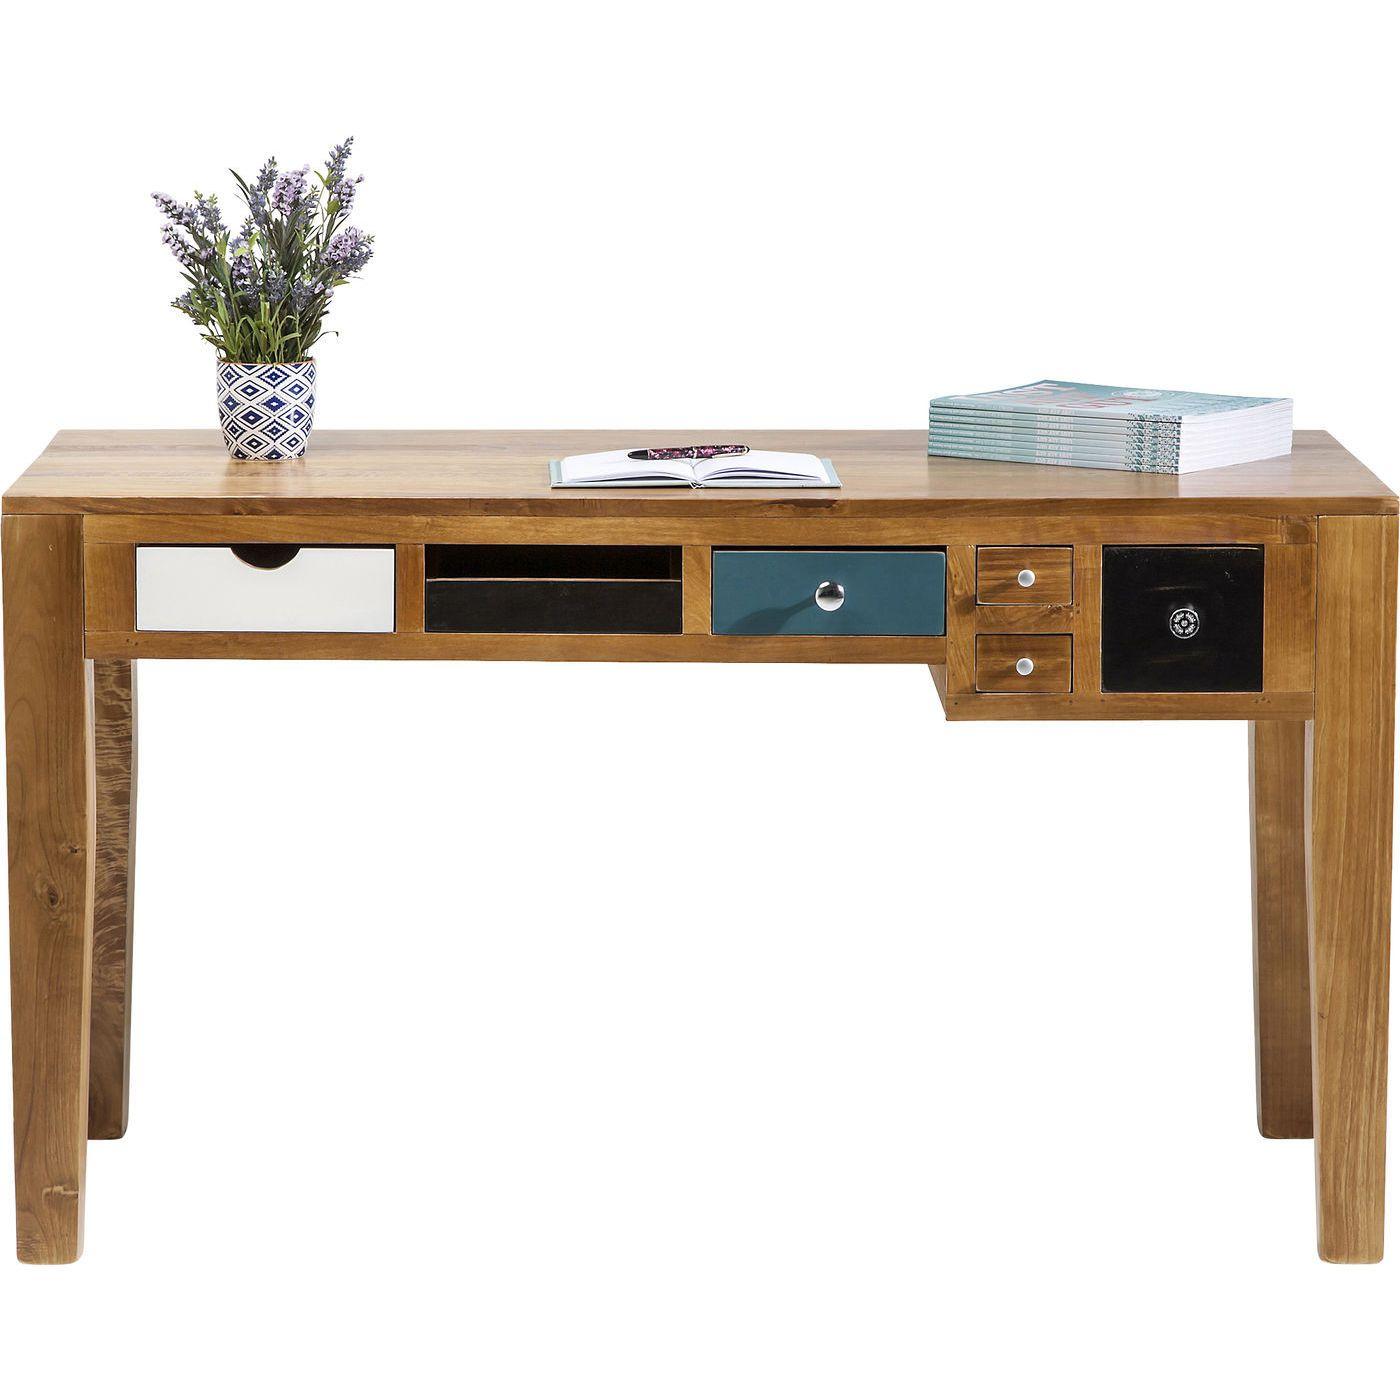 Schreibtisch Babalou Eu 135X60Cm Von Kare Design @Karede  Designm